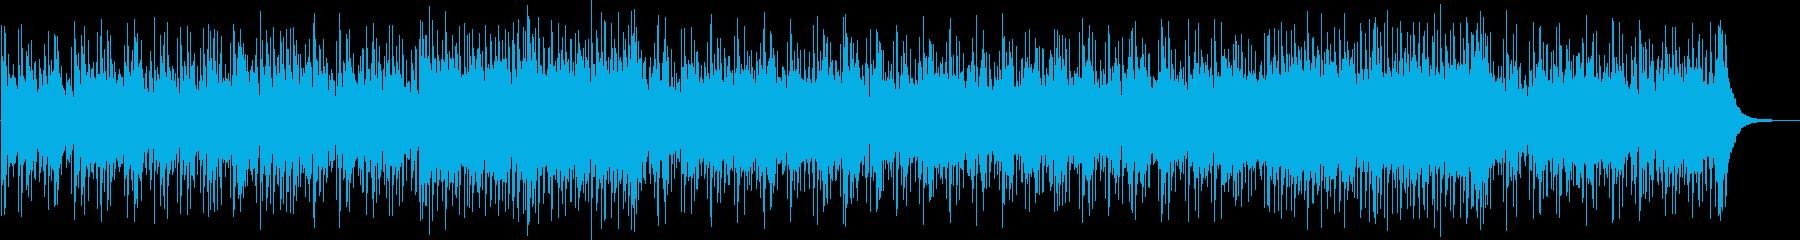 懐かしさを感じるカントリーフォークの再生済みの波形